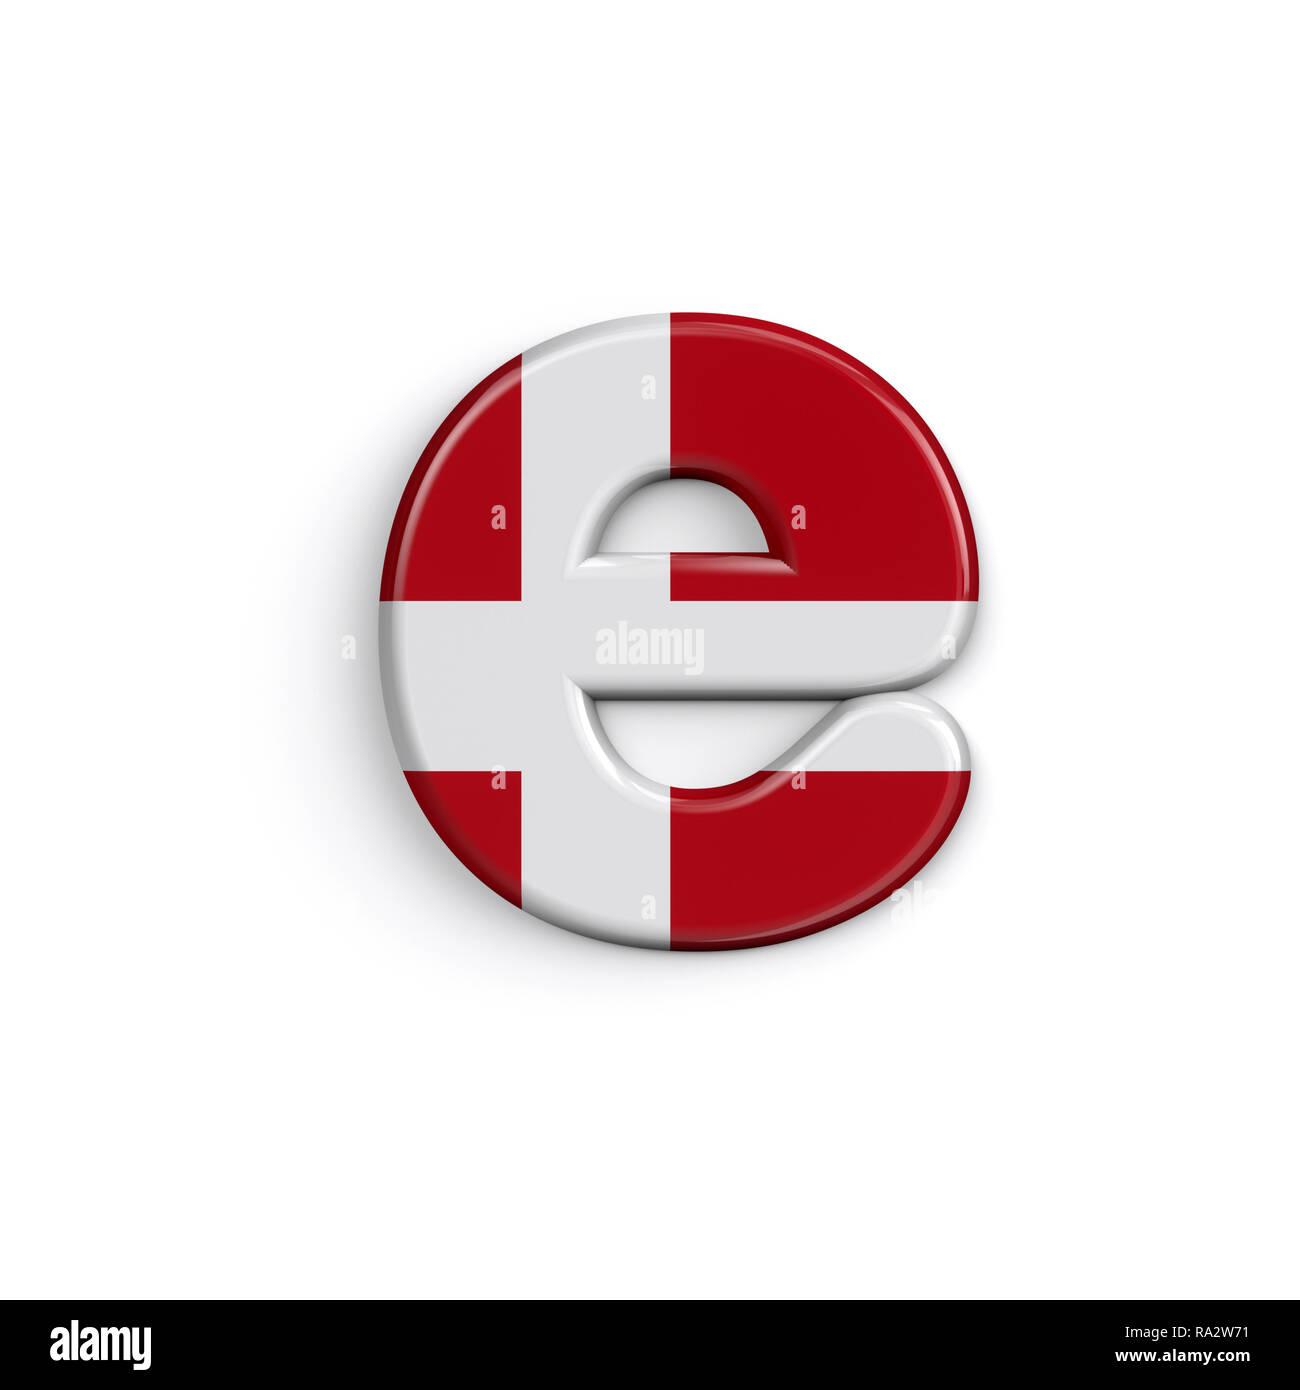 Dinamarca letra E - 3d minúscula bandera danesa font aislado sobre fondo blanco. Este alfabeto es perfecto para creativos ilustraciones relacionadas pero no lim Foto de stock